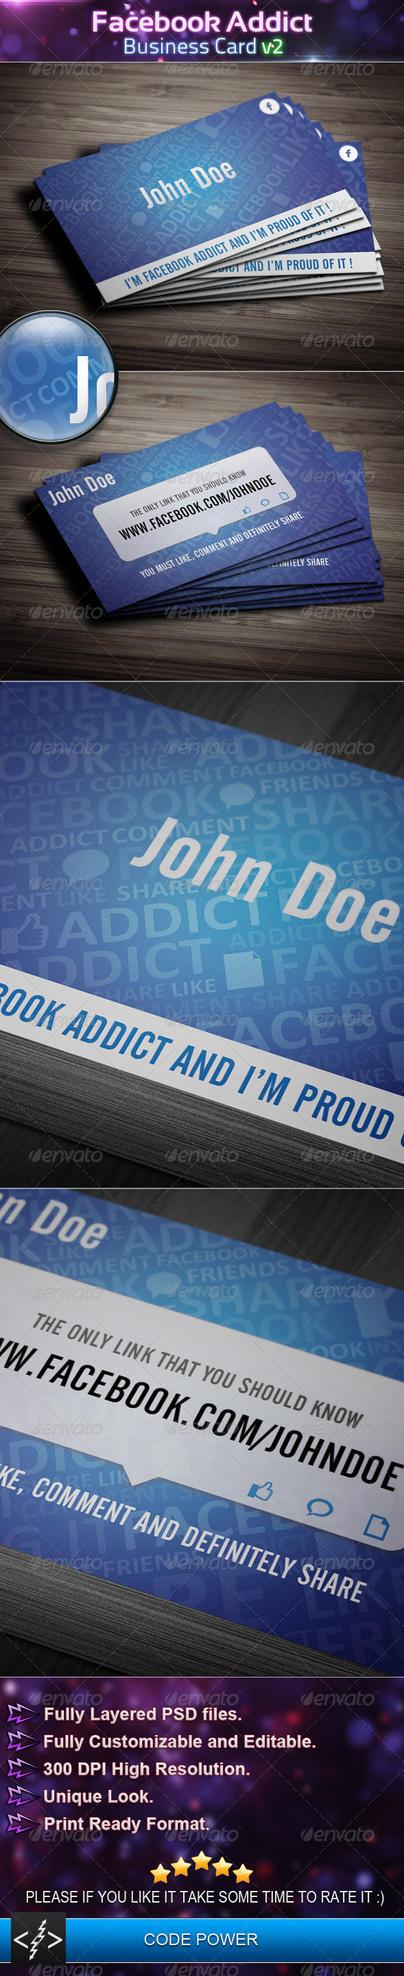 Facebook Addict Business Card v2 by khaledzz9